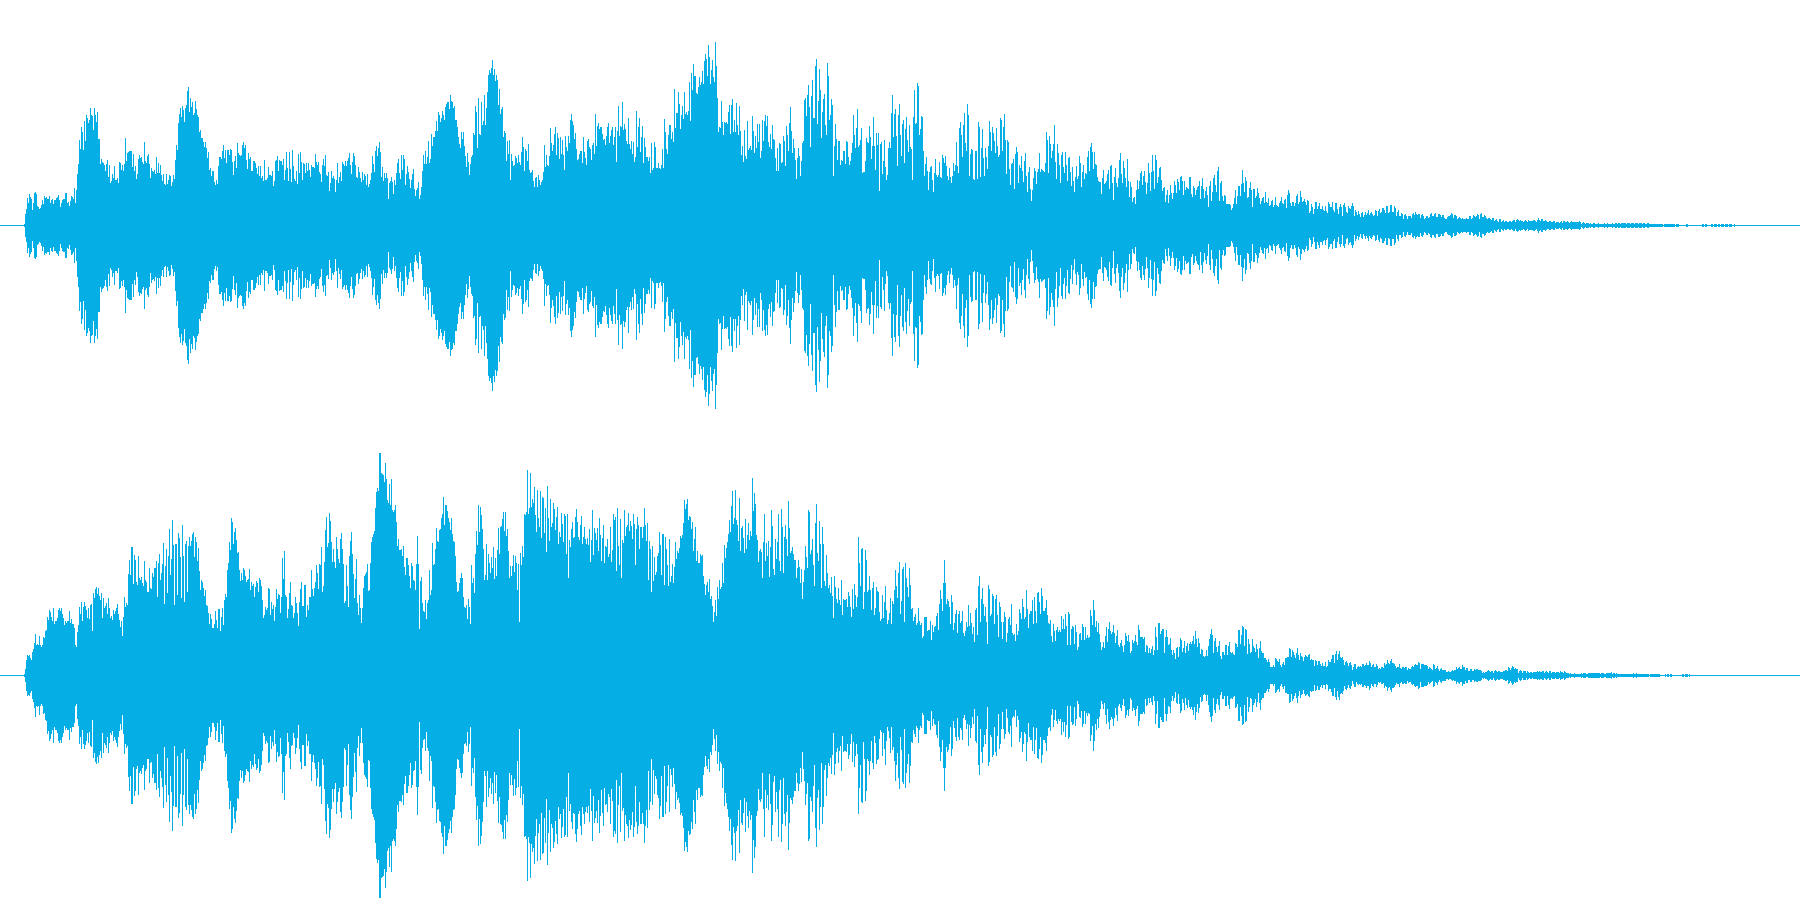 幻想的で洗練されたサウンドロゴの再生済みの波形